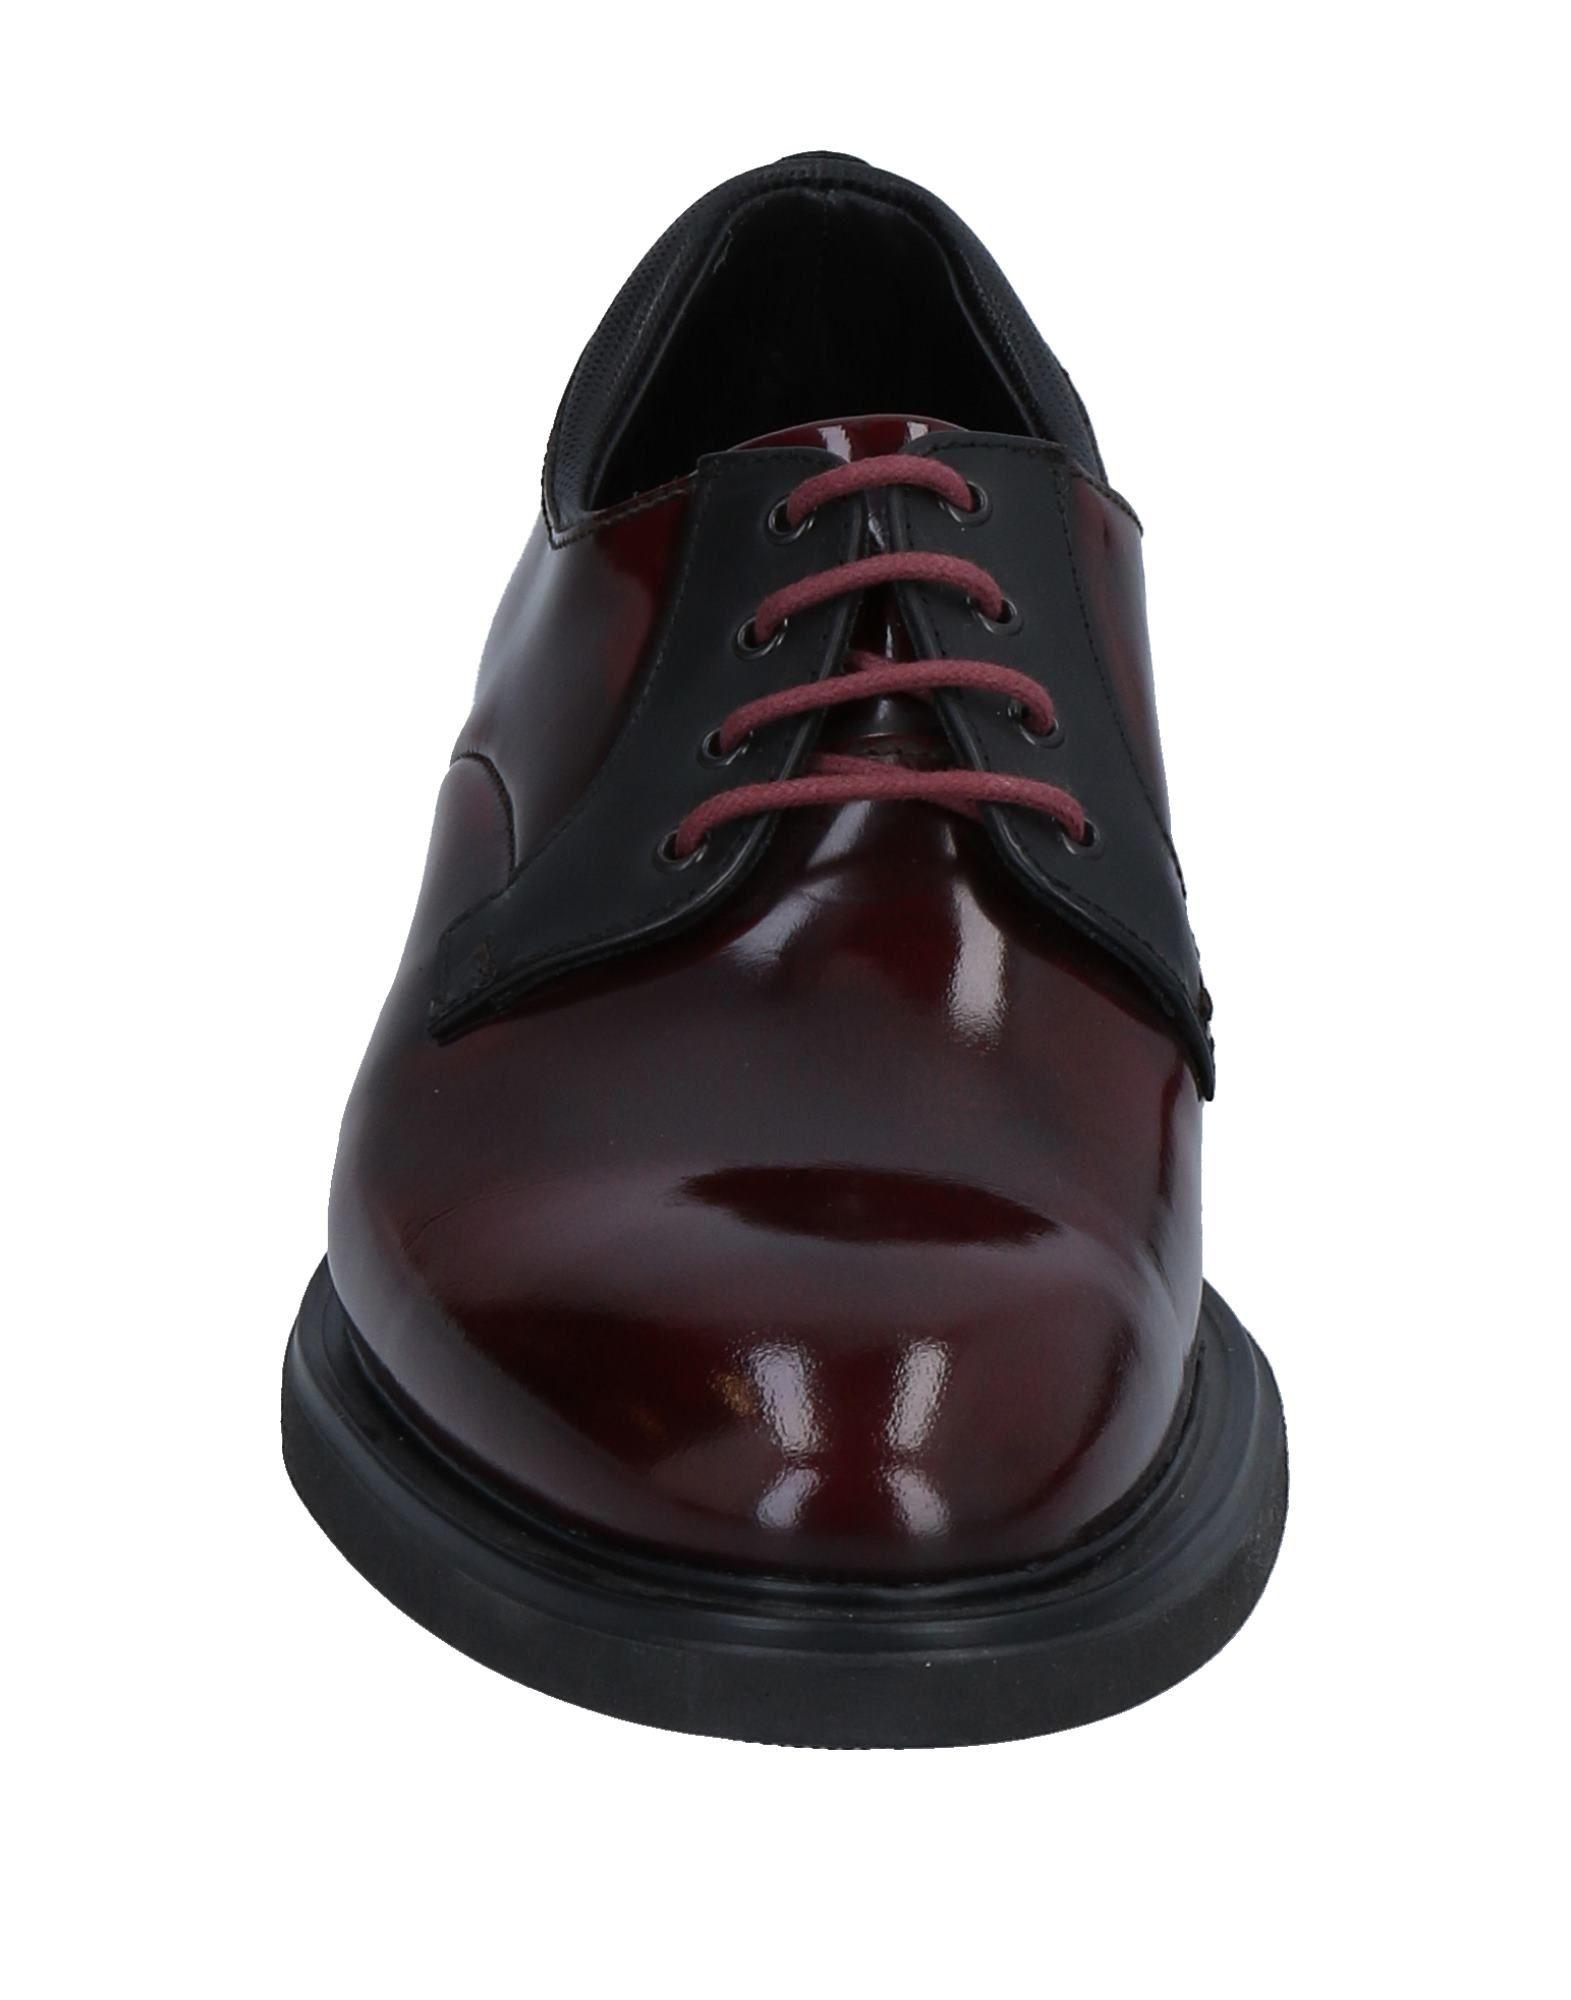 Rabatt Herren echte Schuhe Amalfi Schnürschuhe Herren Rabatt  11534123WJ 1f469d